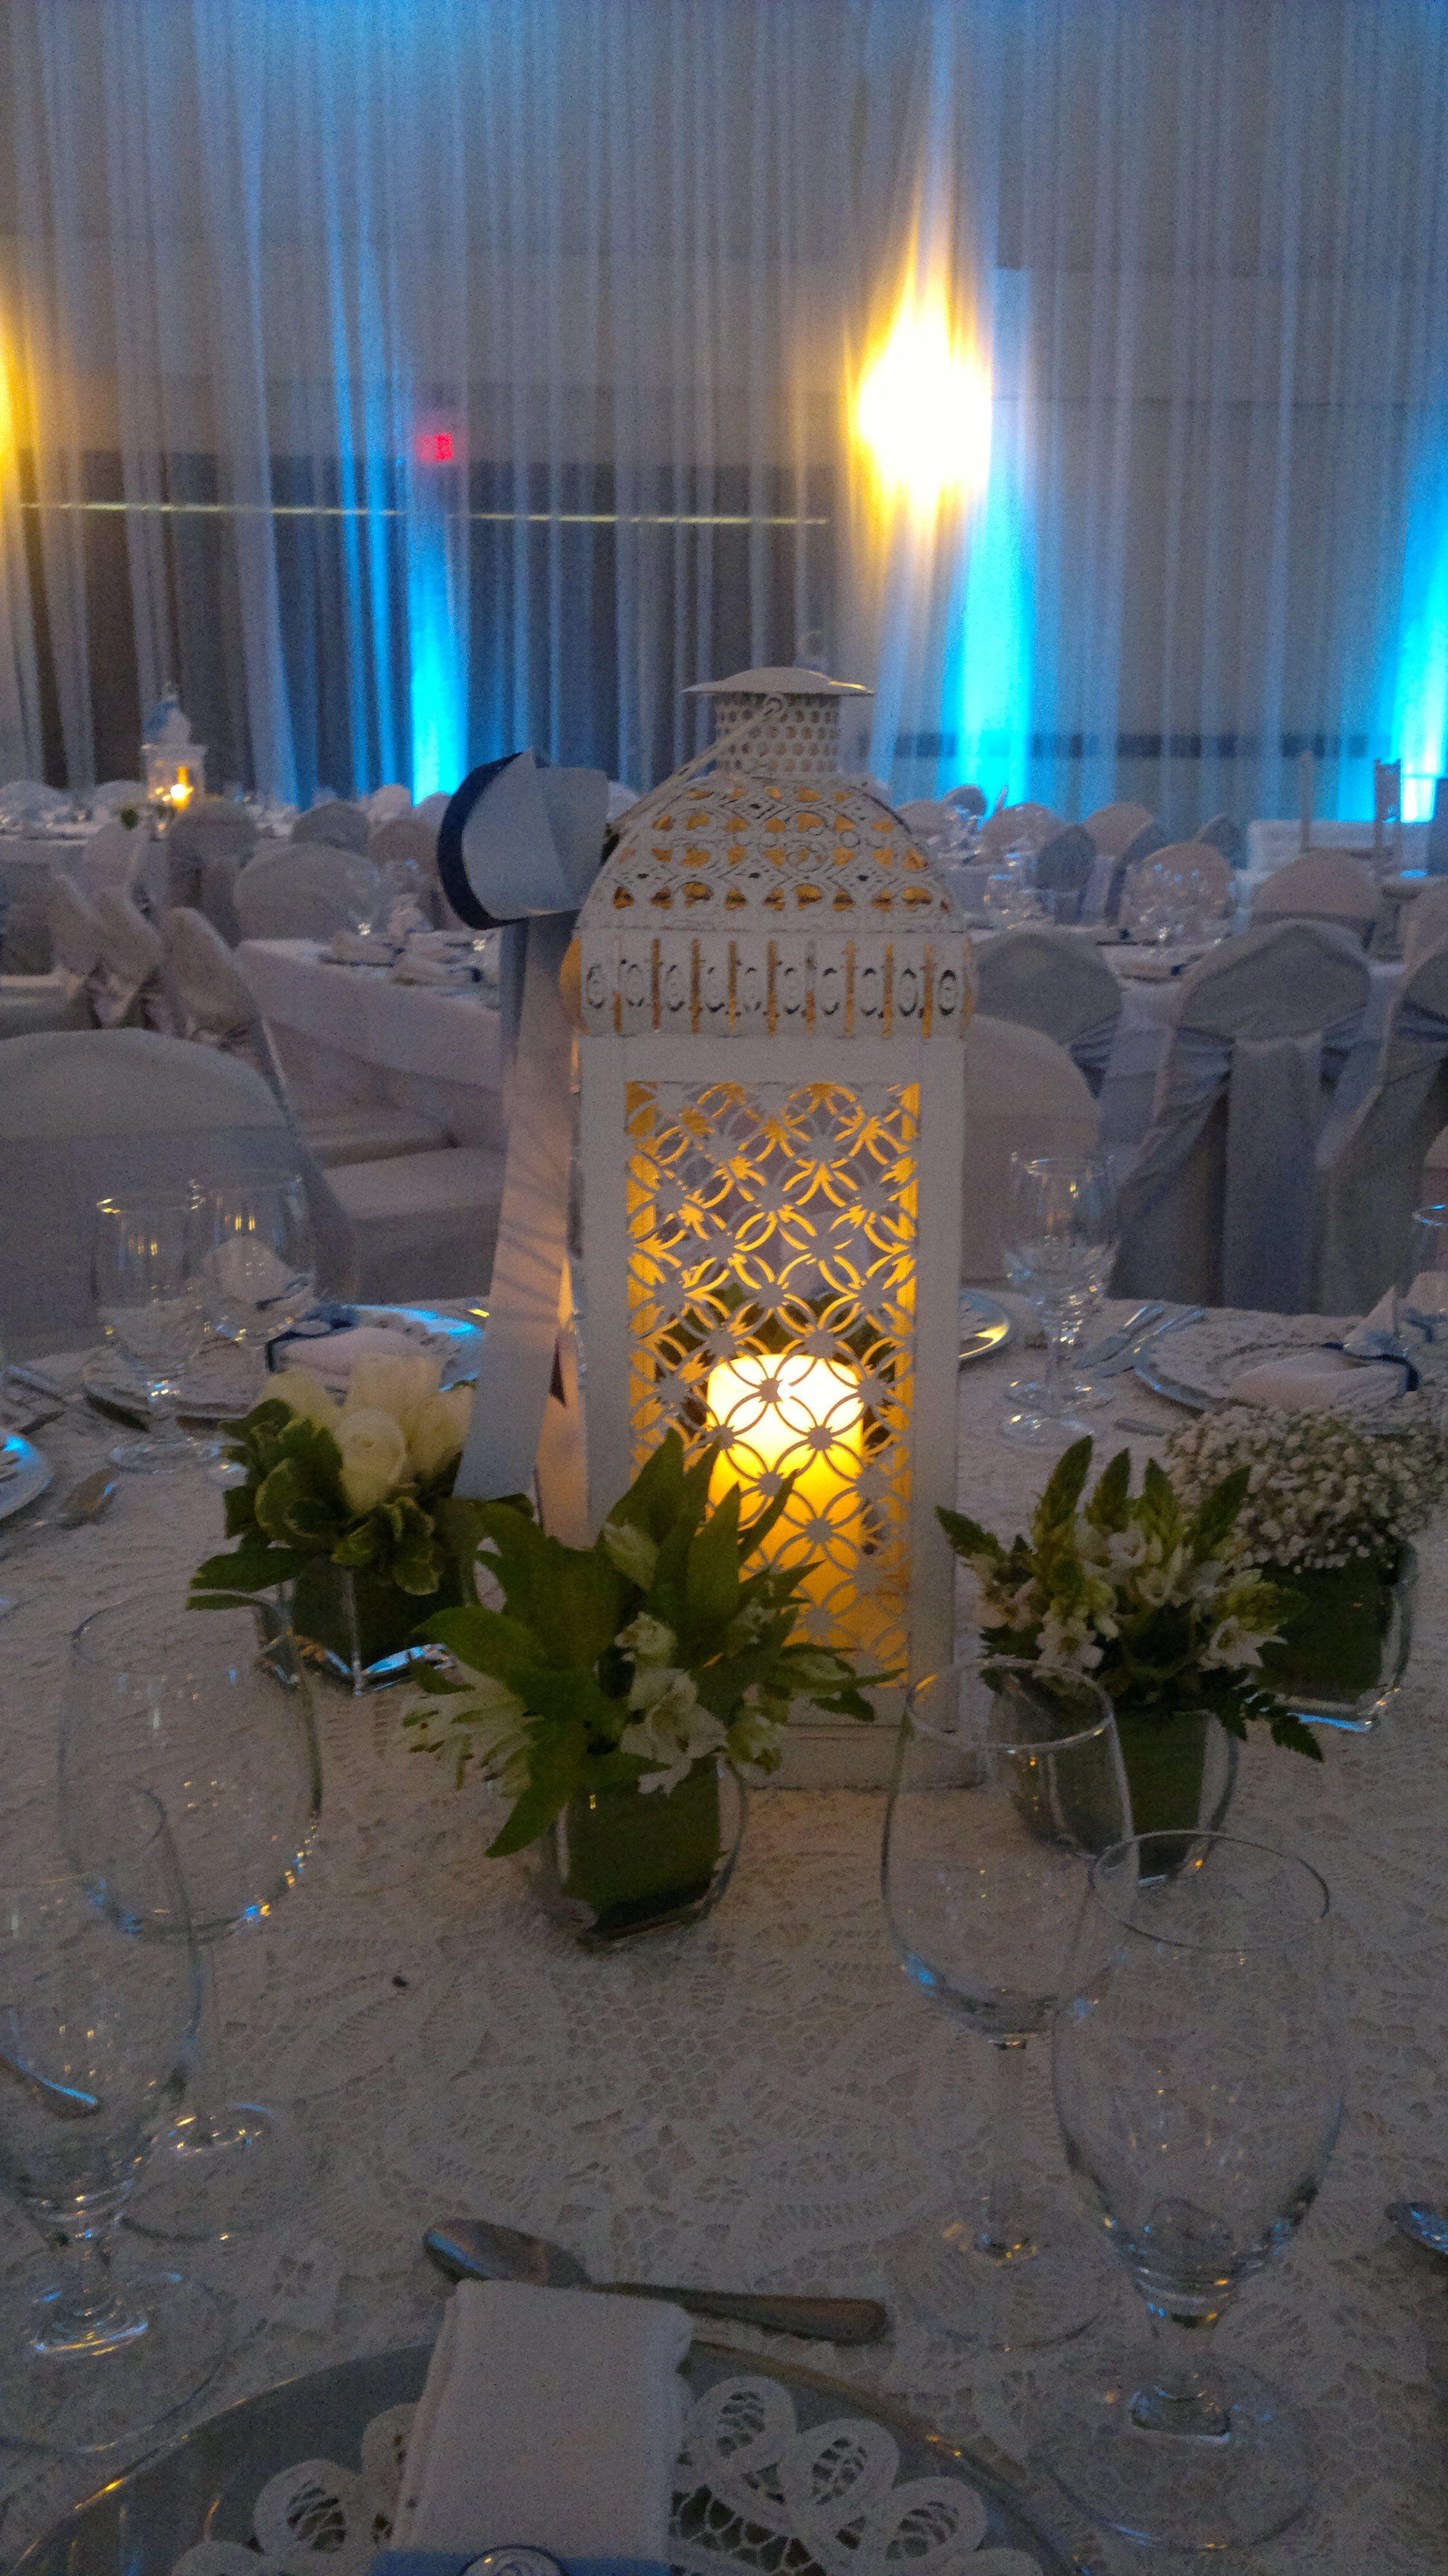 Bautizos centros de mesa para bautizo faroles con velas - Decoracion de centros de mesa ...